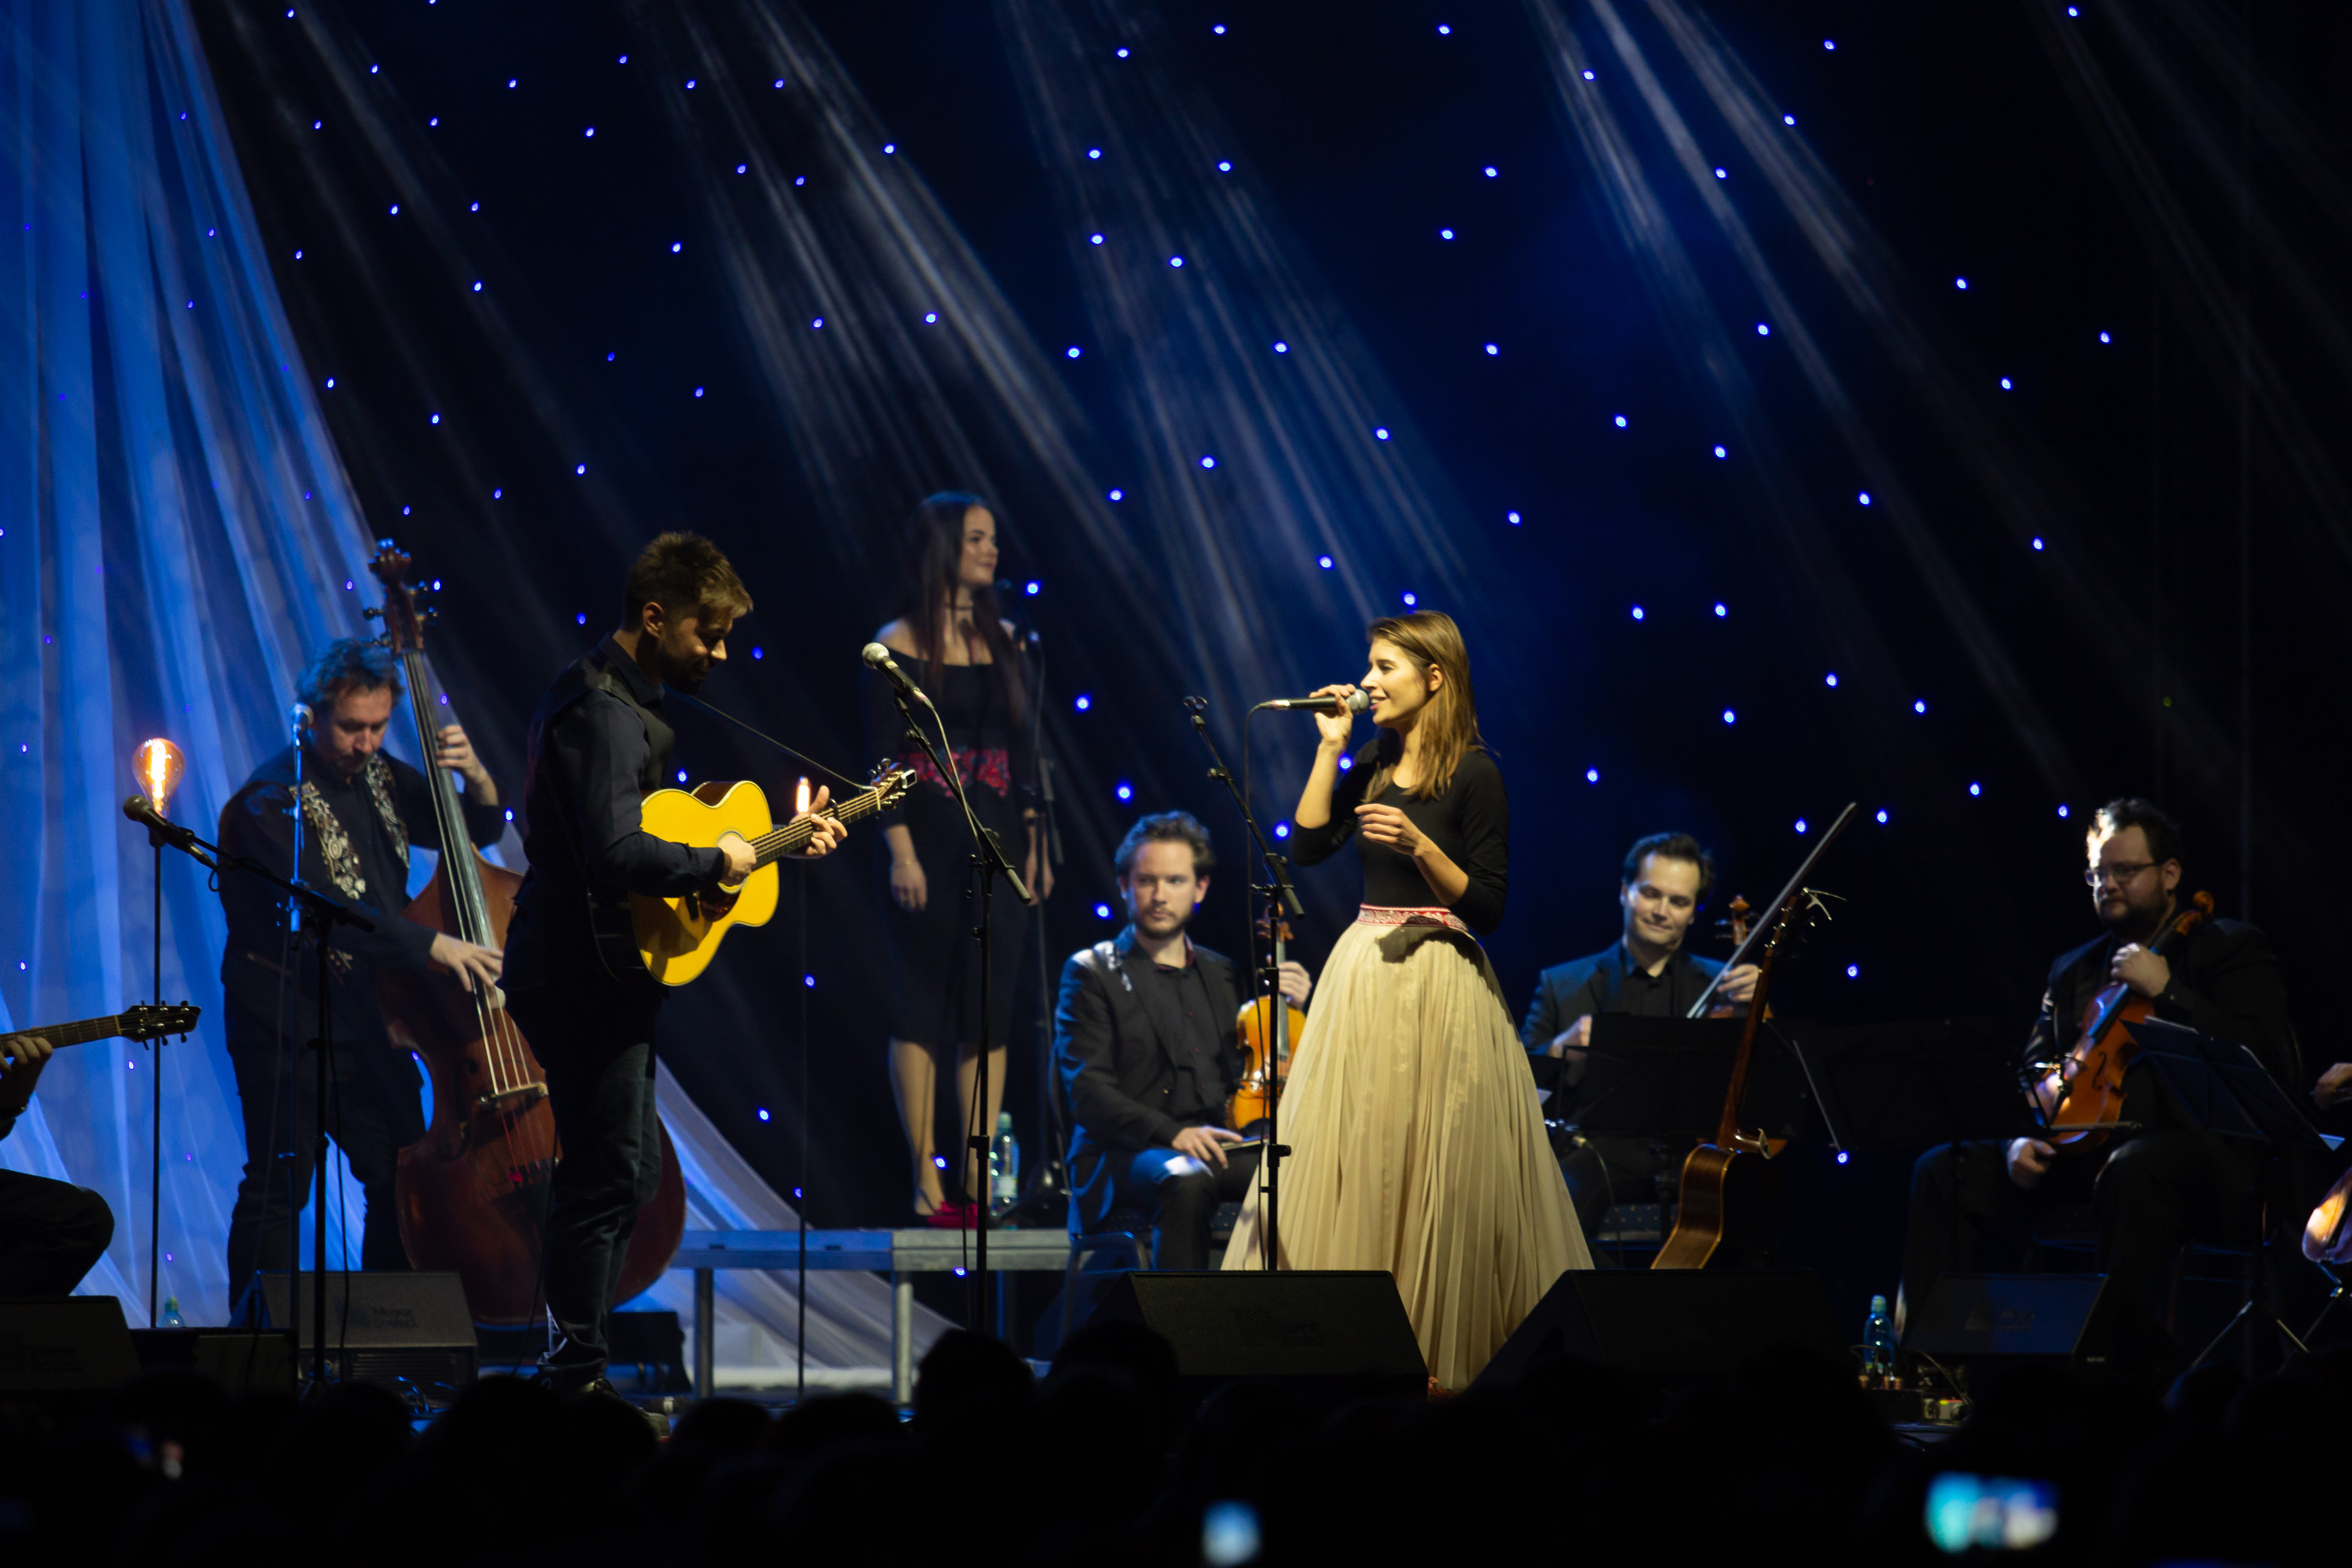 Turné so sláčikovým kvartetom (2018)